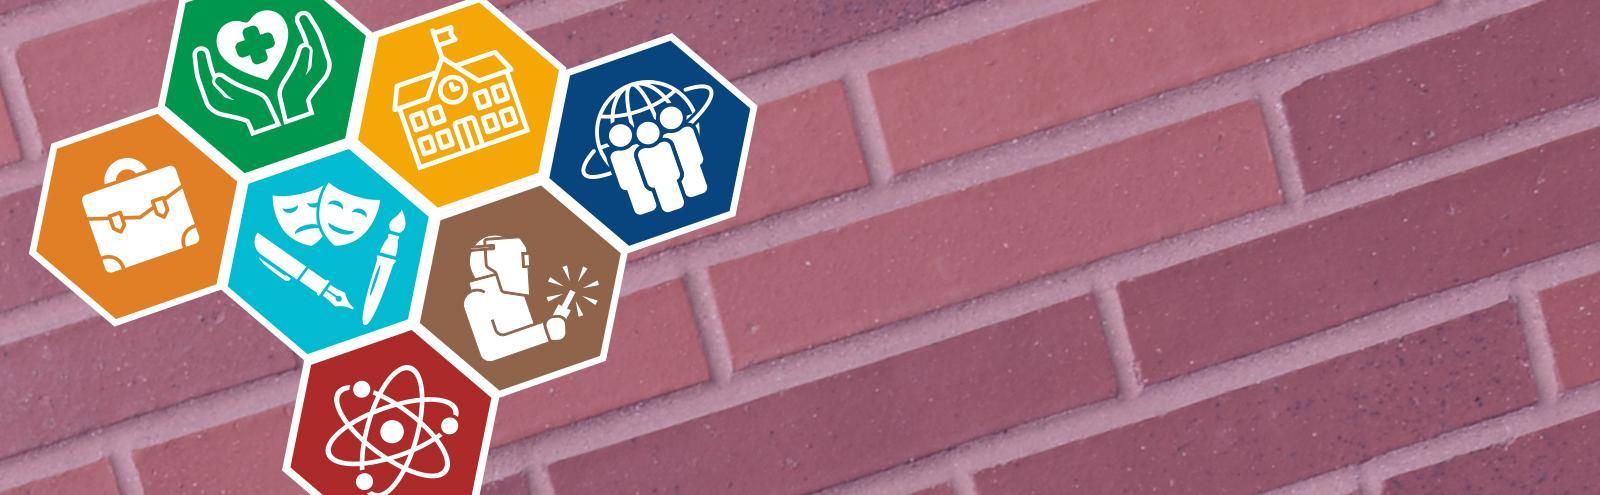 academic pathway icons